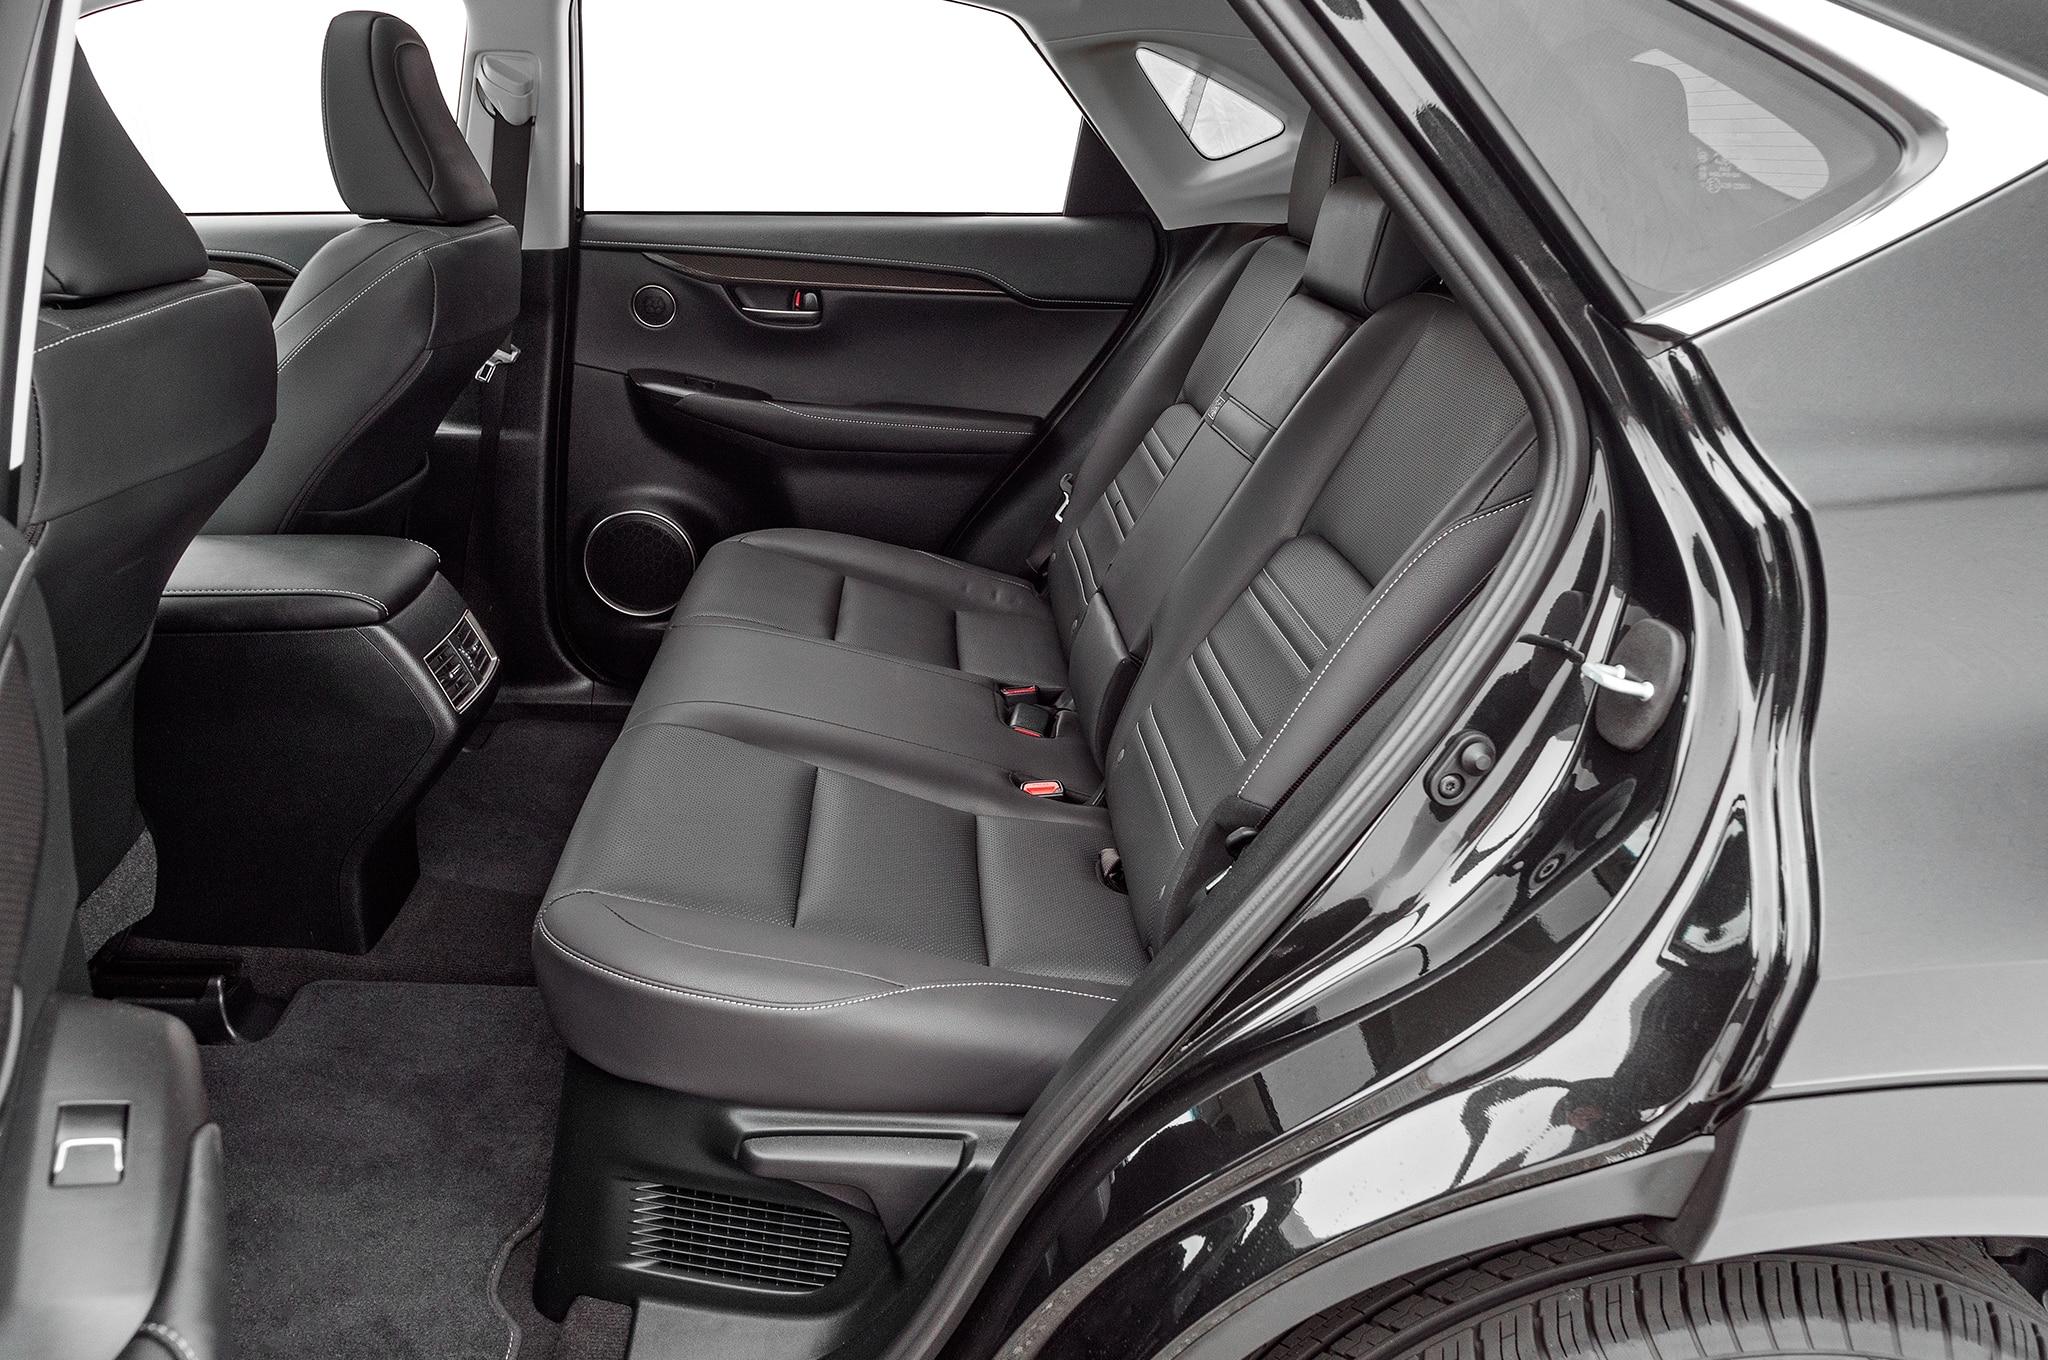 Lexus Nx Interior >> 2018 Lexus Nx 300 Rear Interior Seats Motor Trend En Espanol